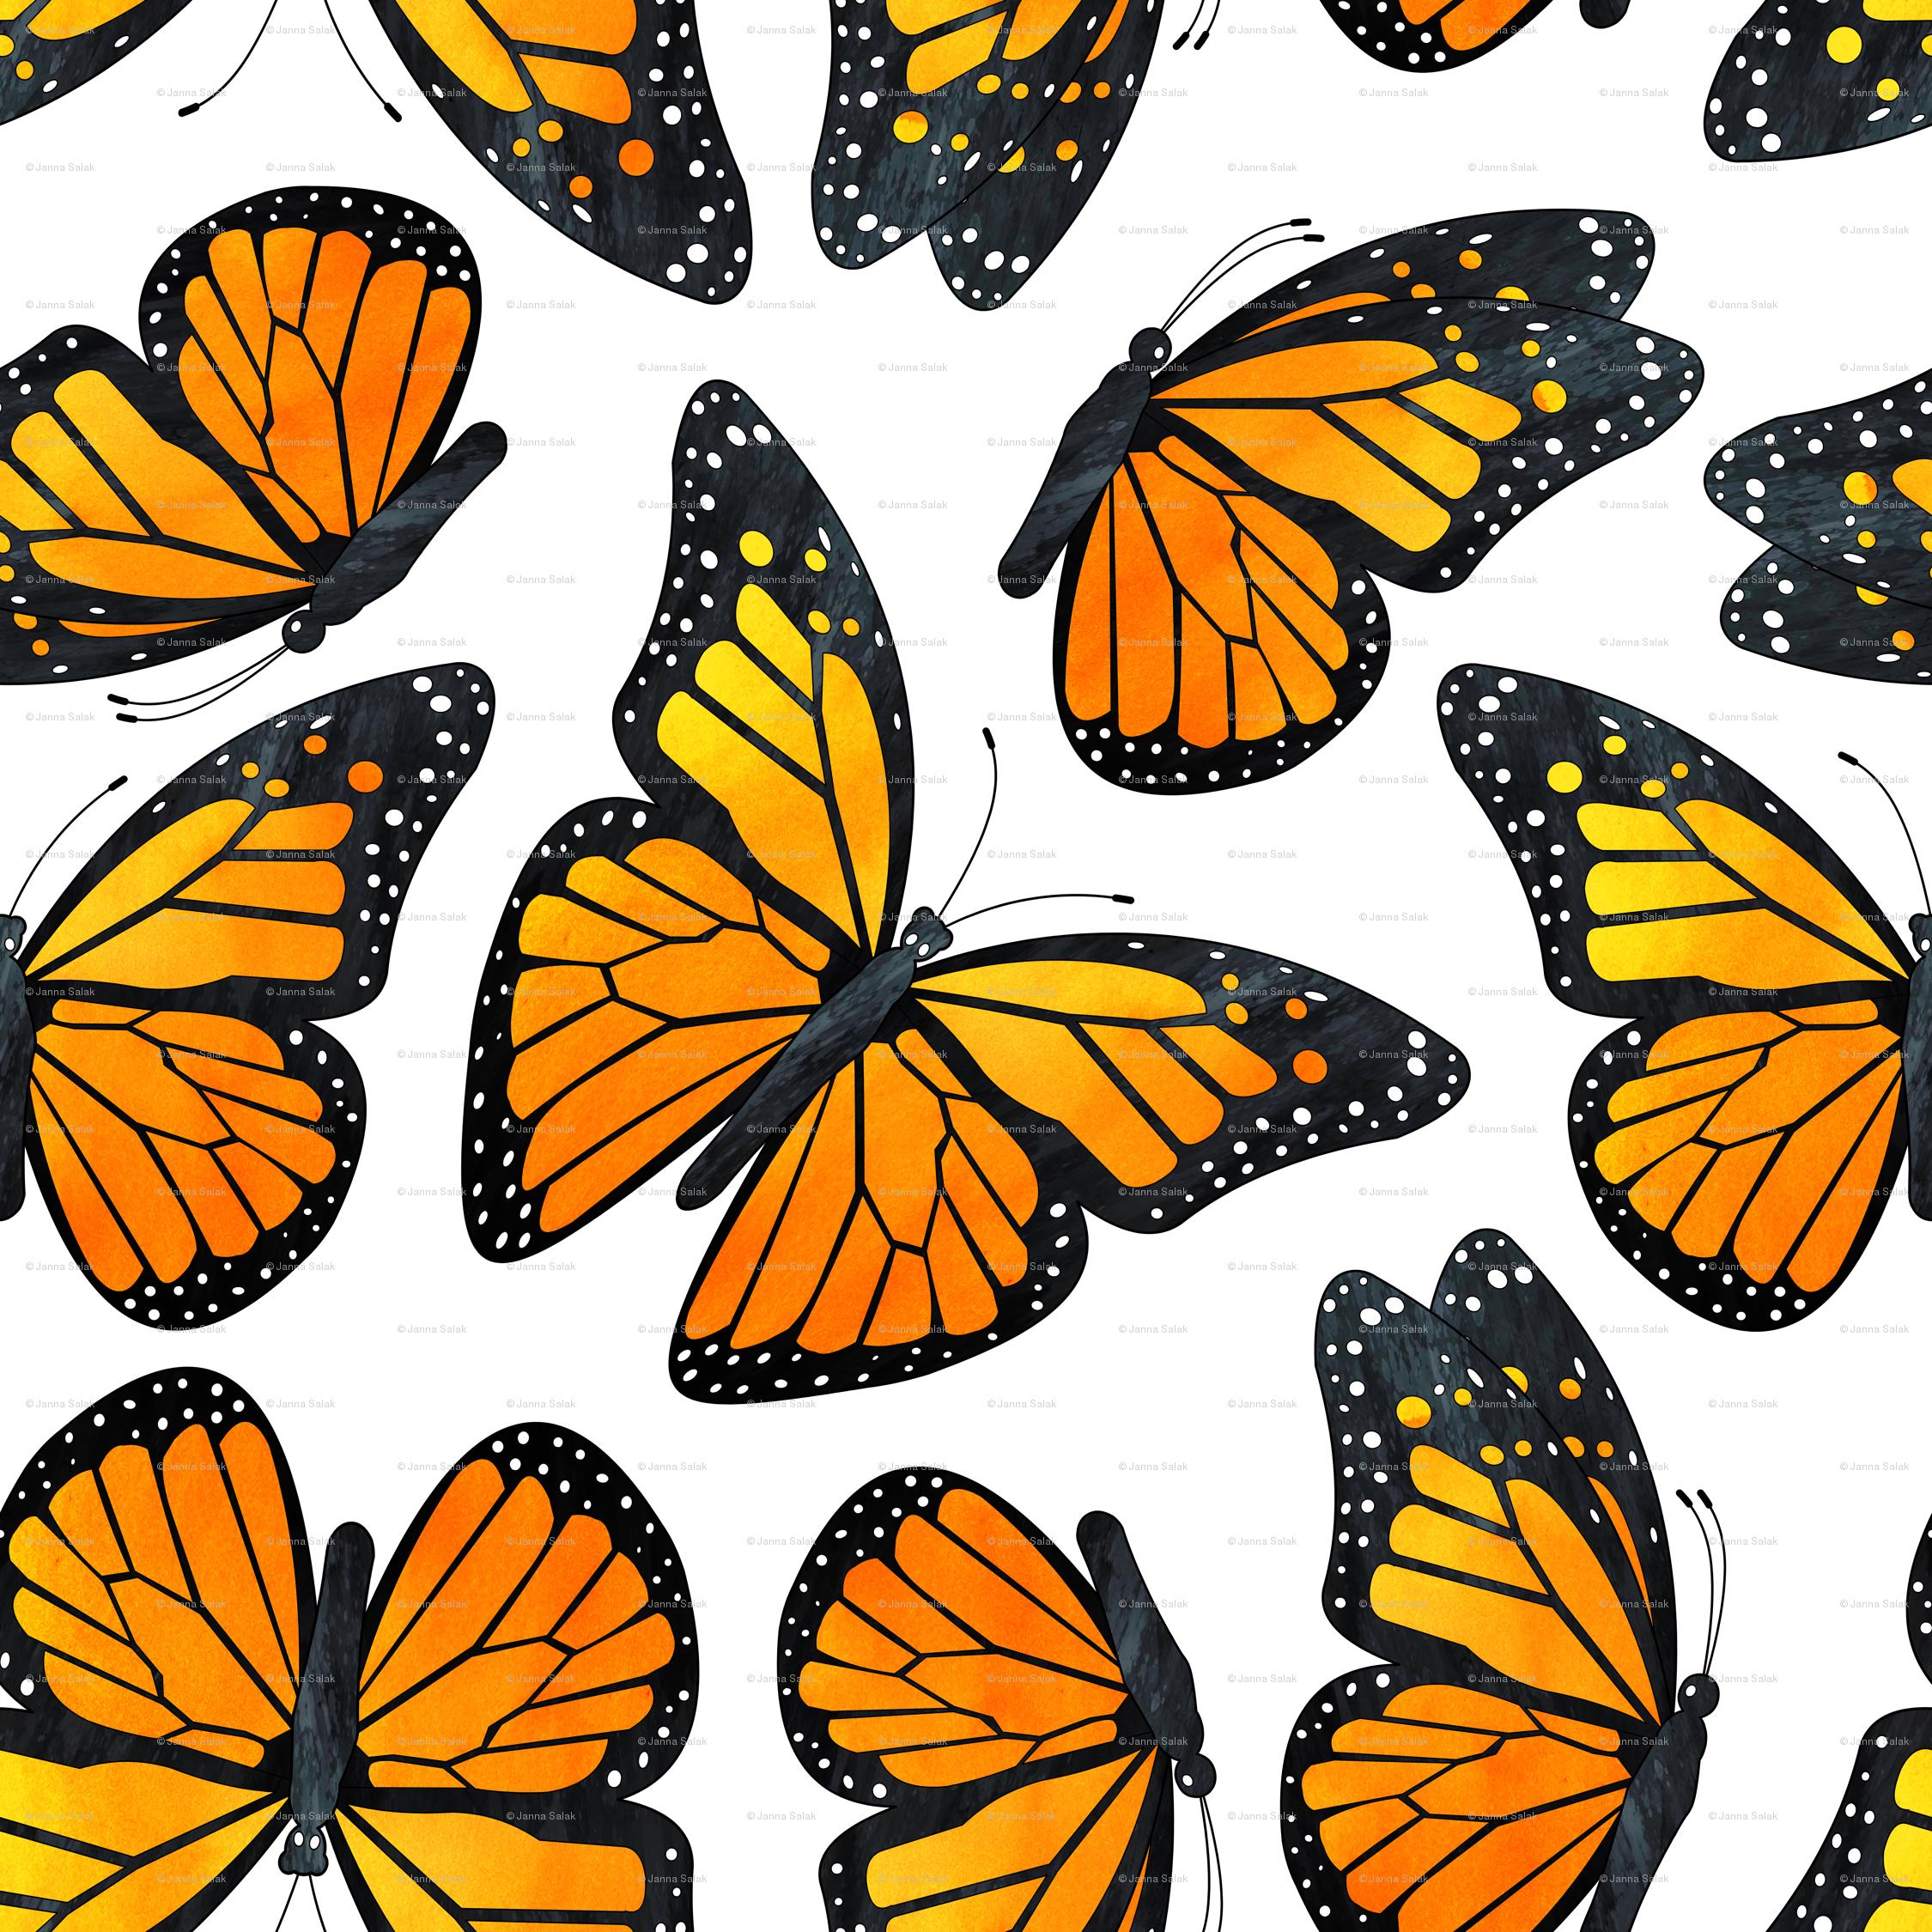 Monarch Butterfly Watercolor Pattern Wallpaper - Repeat Pattern With Butterfly , HD Wallpaper & Backgrounds